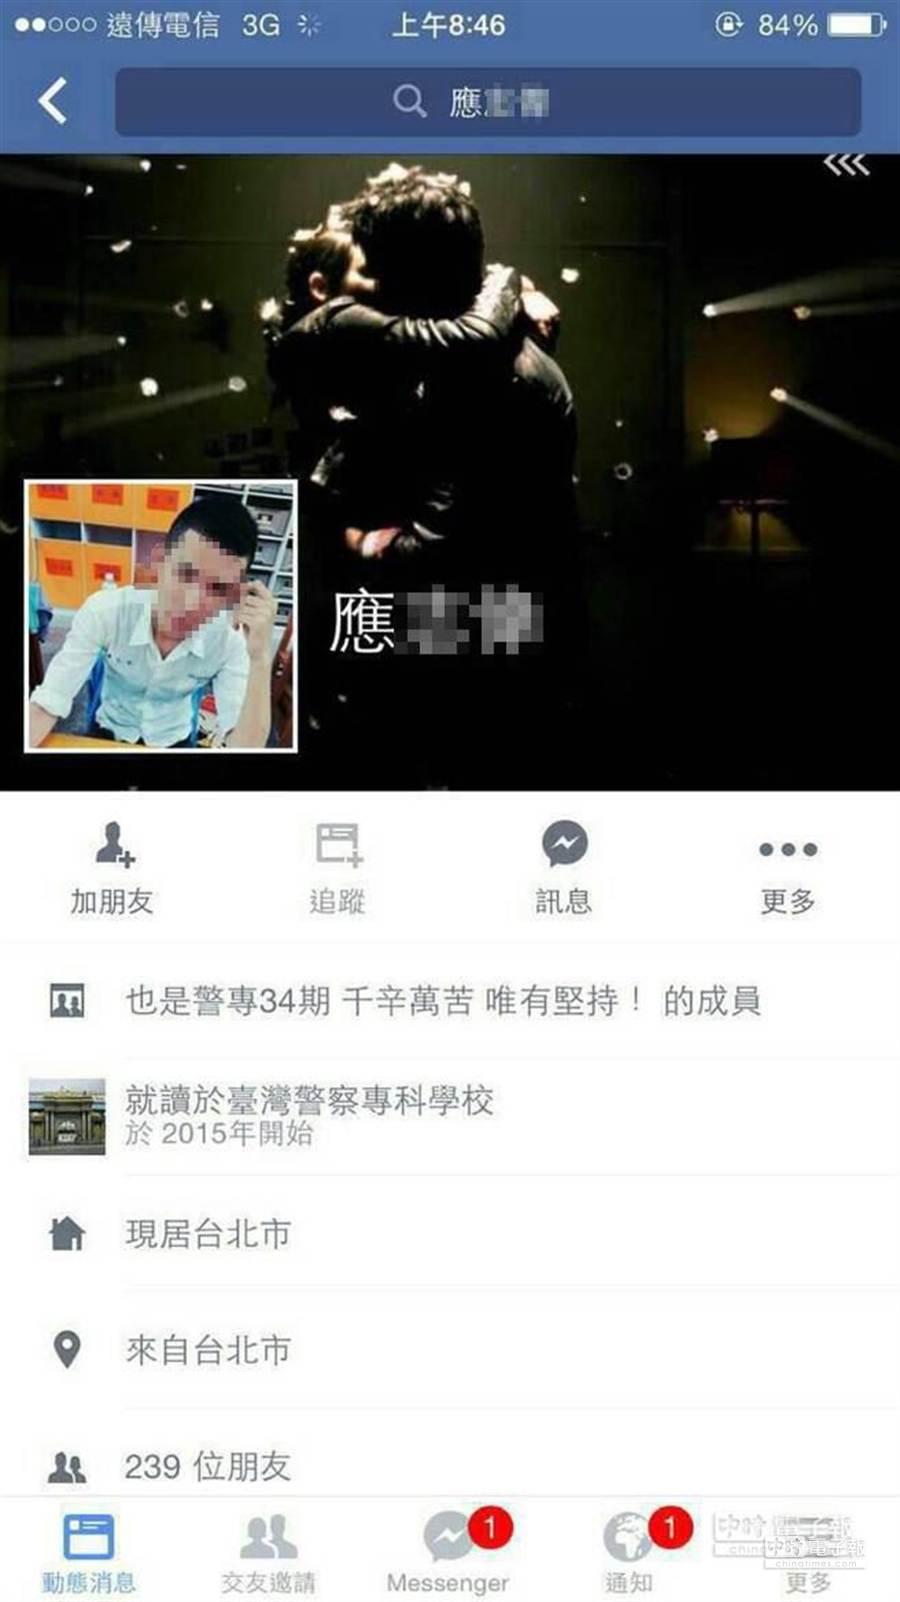 應男的臉書已寫上自己就讀警專,但引發風波後火速刪除。(翻攝臉書)